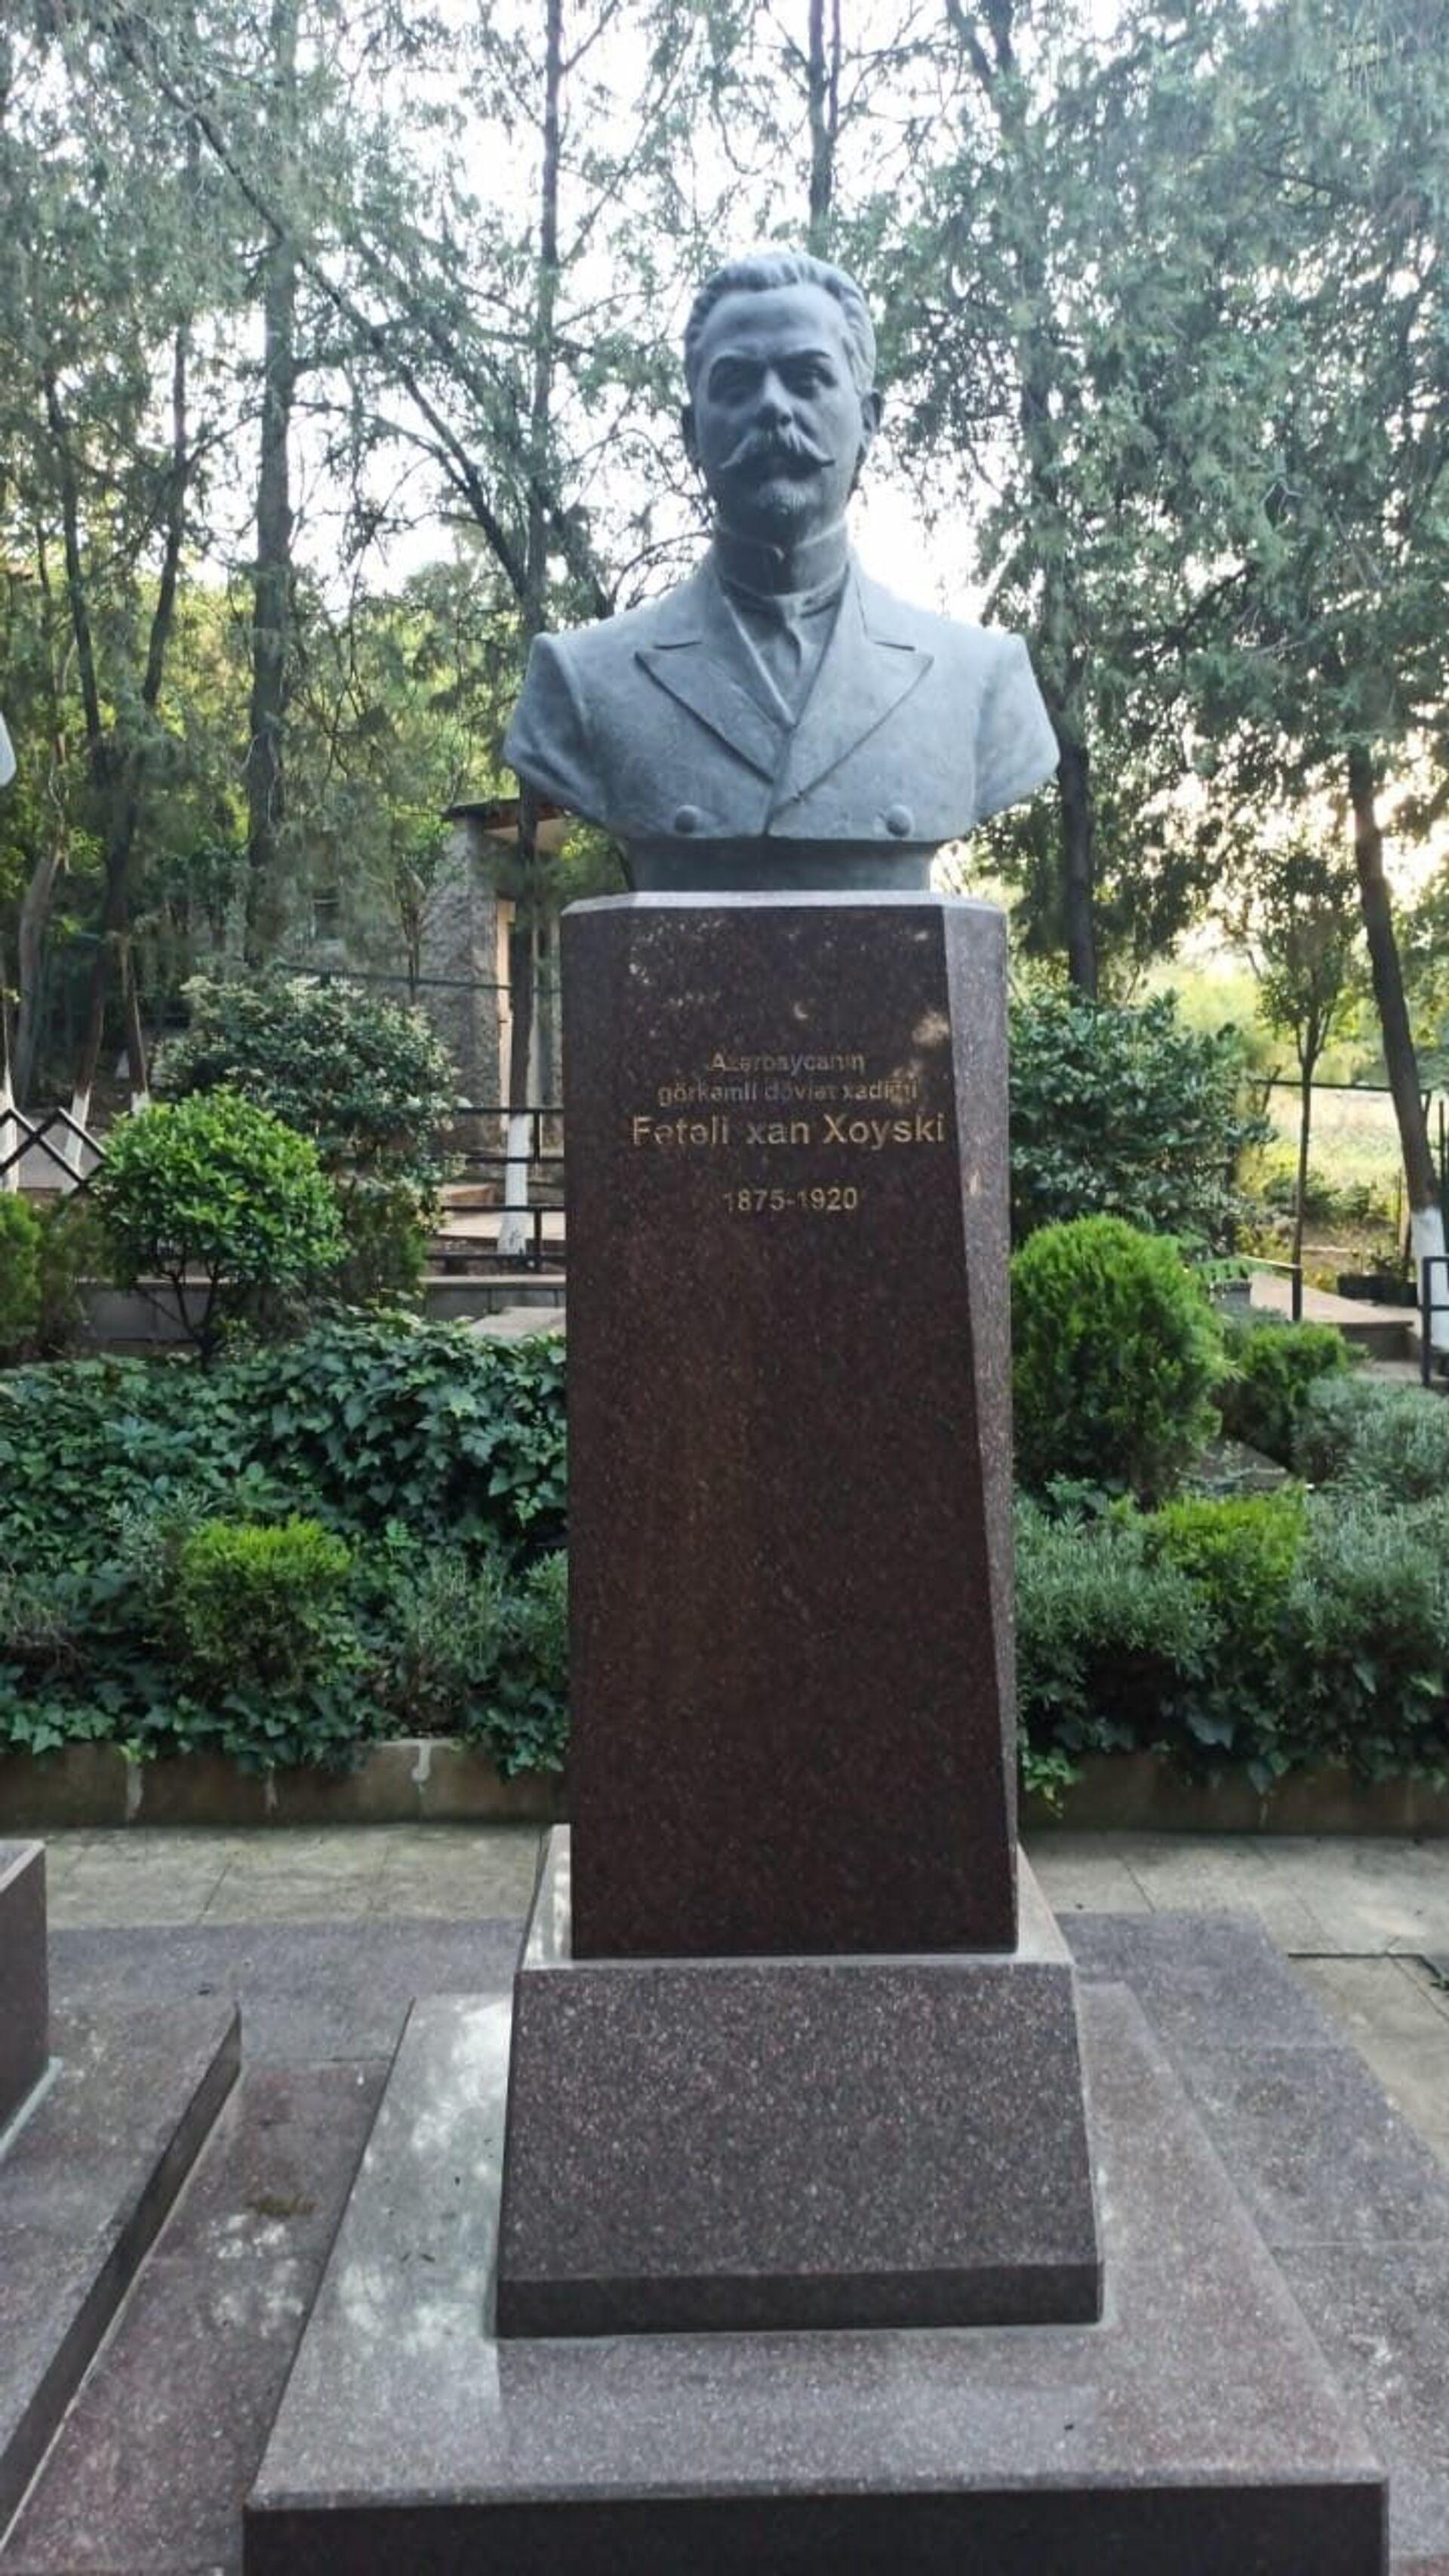 Могила Фатали хан Хойского в Тбилиси - Sputnik Азербайджан, 1920, 01.10.2021